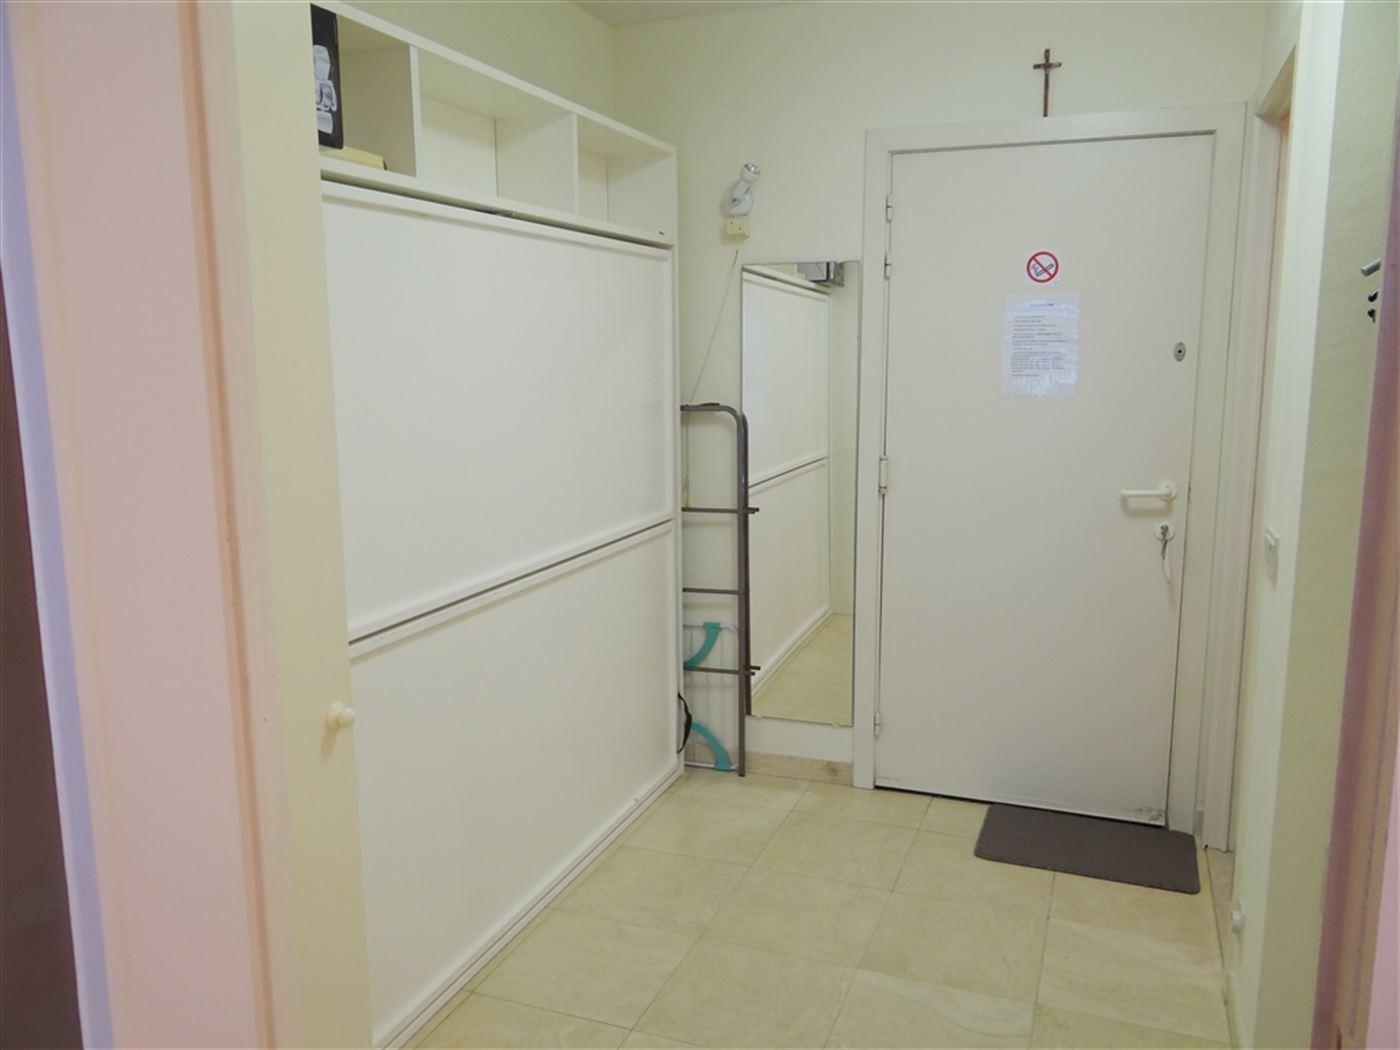 A LOUER A L'ANNEE - studio spacieux - coin à dormir avec des lits superposé - salon avec divan-lit 1x2 - cuisine ouverte équipée d'un frigo, d'un ...